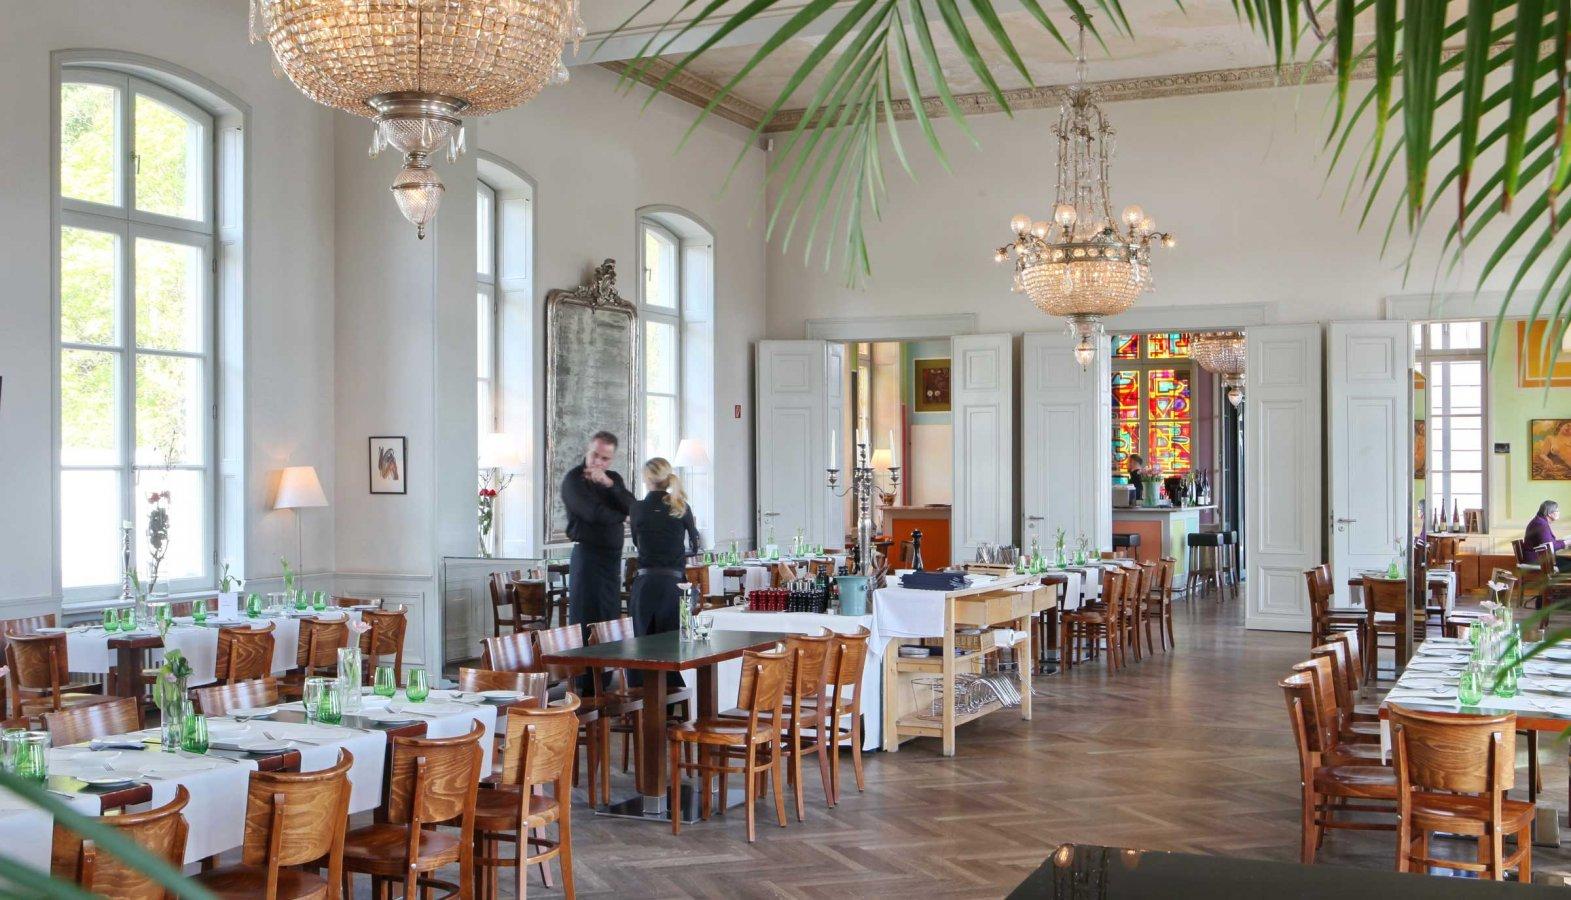 Der eingedeckte Festsaal des Bahnhof Rolandseck mit Blick auf Glasausmalung des Künstlers Anton Henning im Bistro Interieur No. 253 © Bistro Interieur No. 253, Foto: Sabine Walczuch